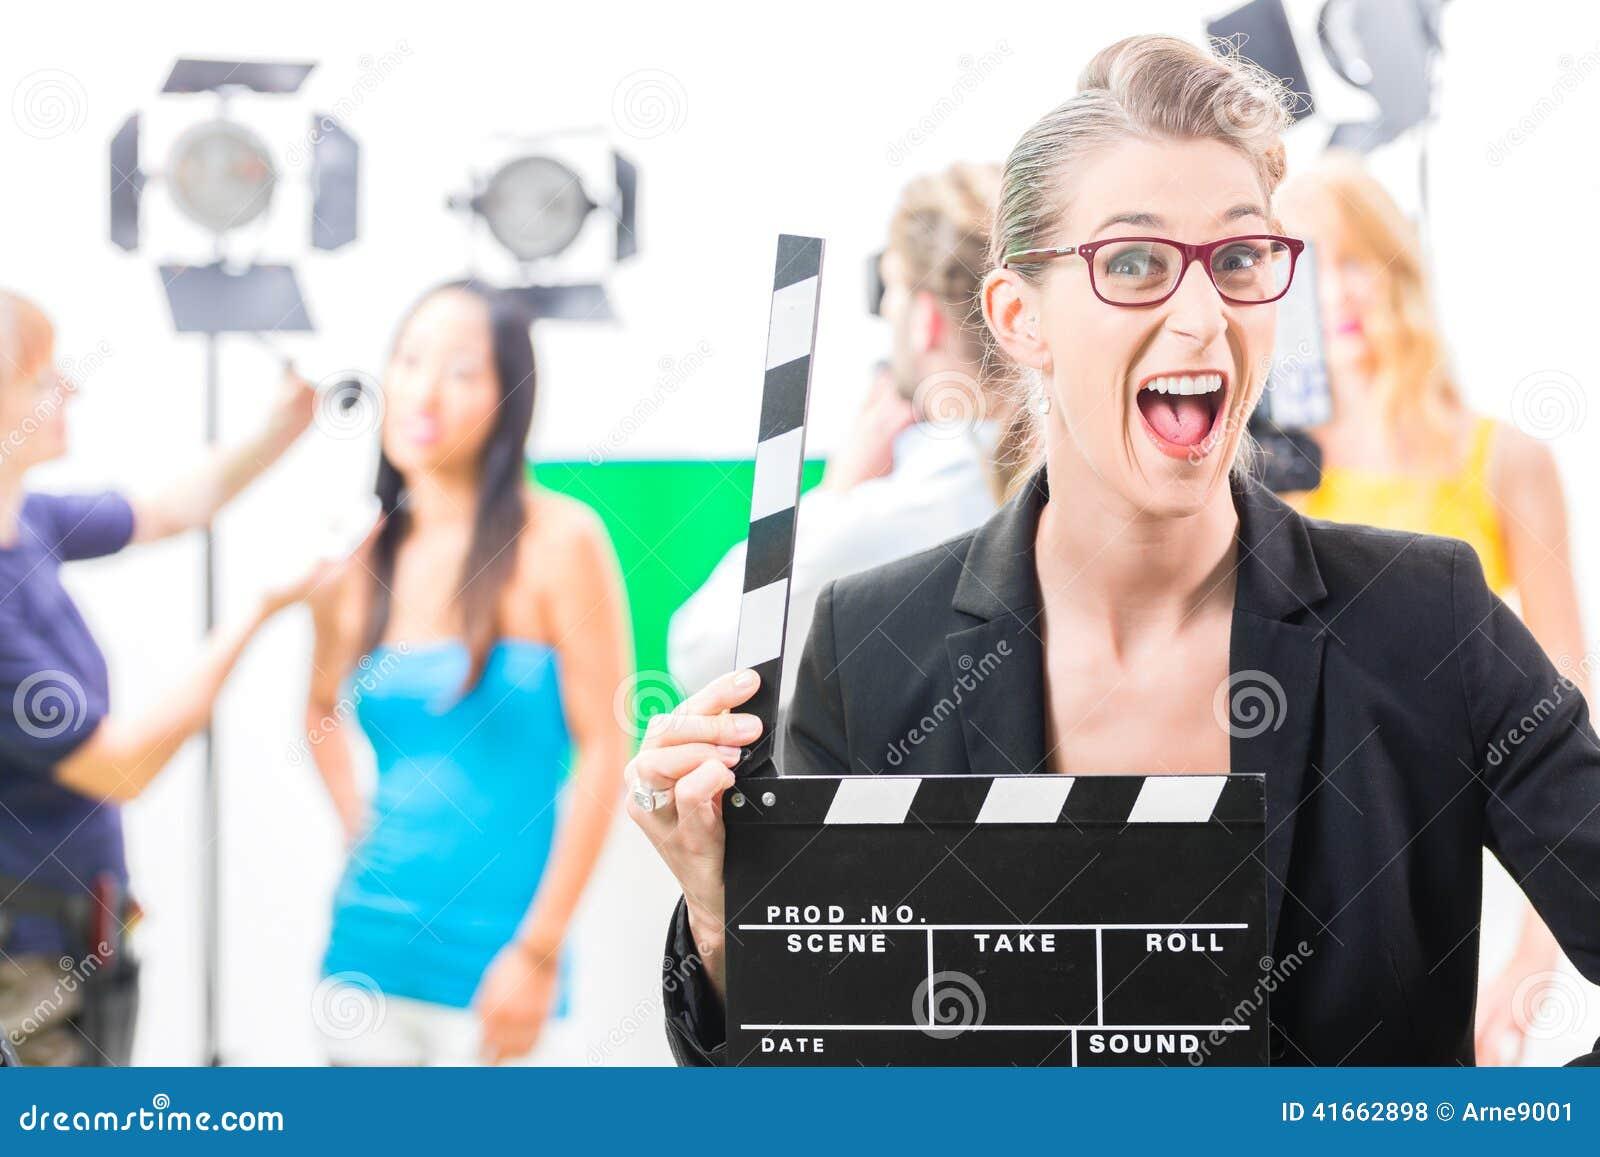 Женщина с хлопом взятия на видео- продукции на комплекте фильма